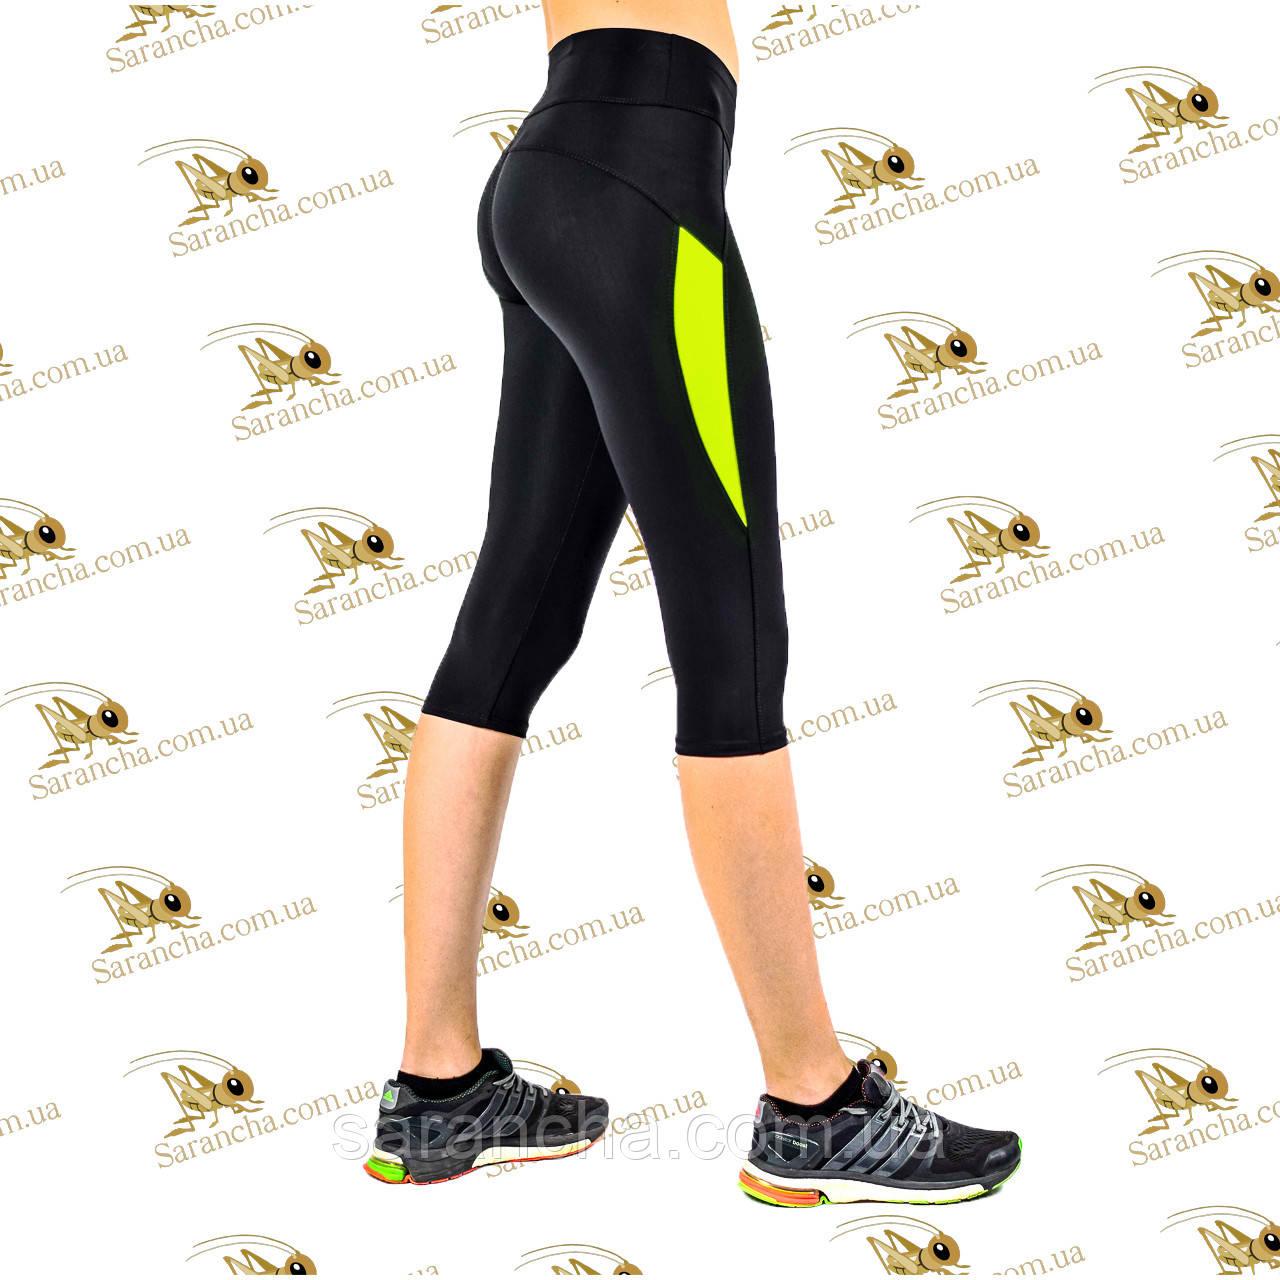 Бриджі чорні жіночі спортивні з жовтими вставками розмір від 42 до 50